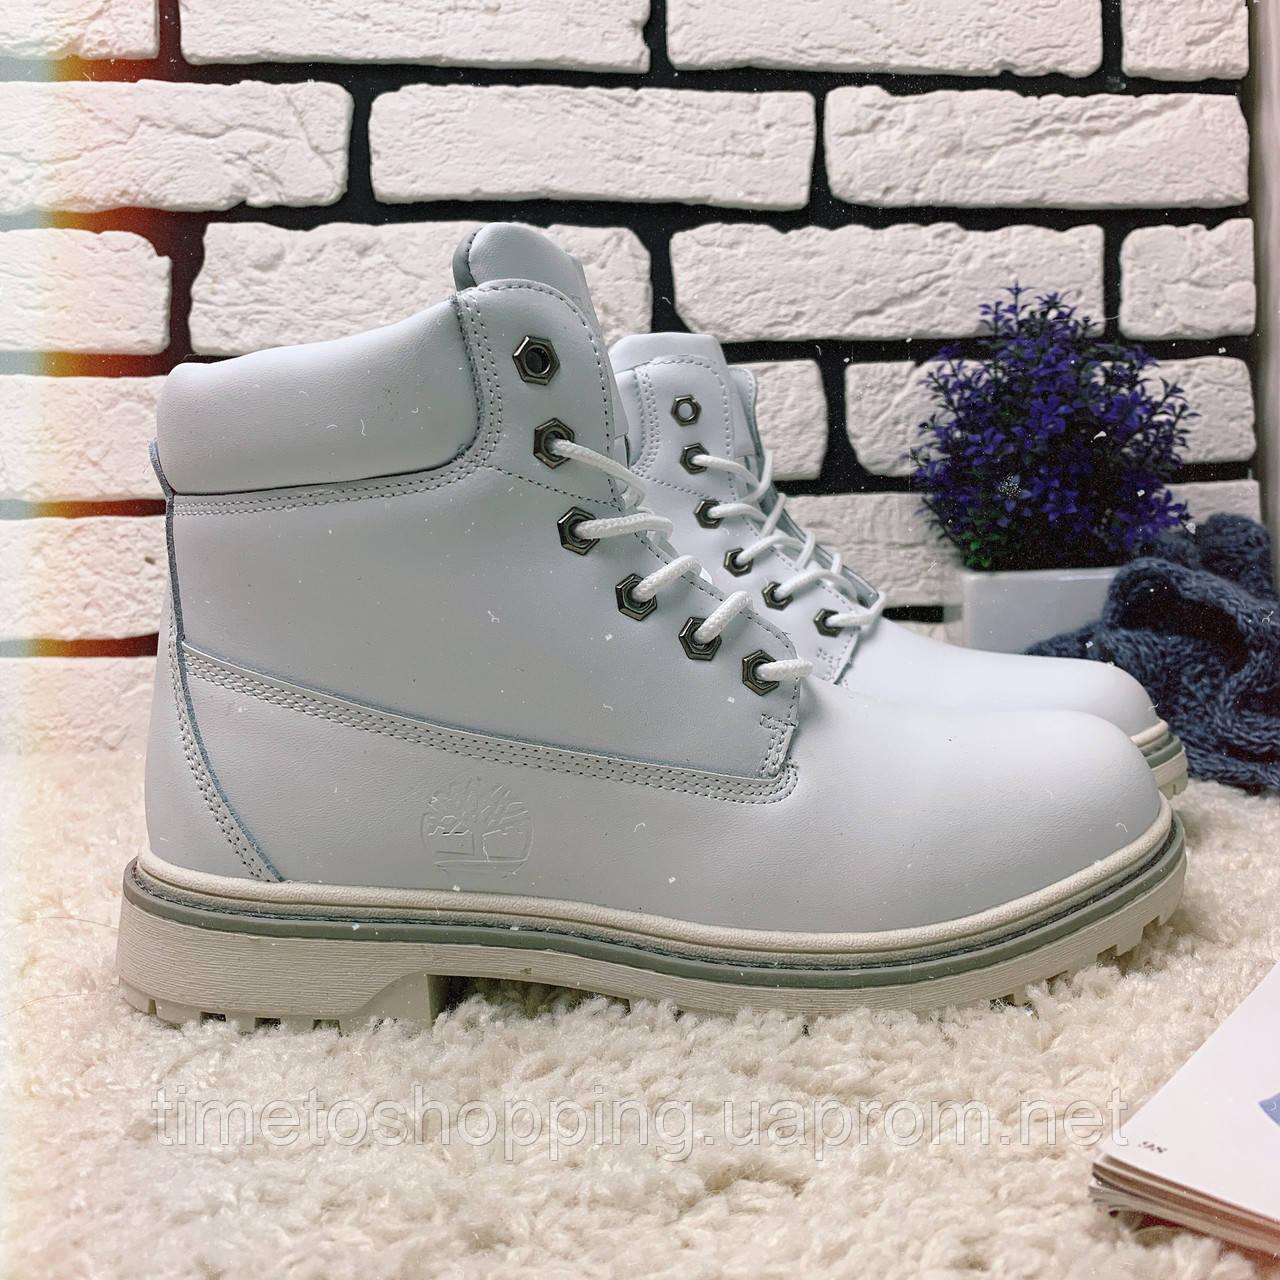 Зимові черевики (на хутрі) жіночі Timberland 11-117 ⏩РОЗМІР [ 39,41 ]